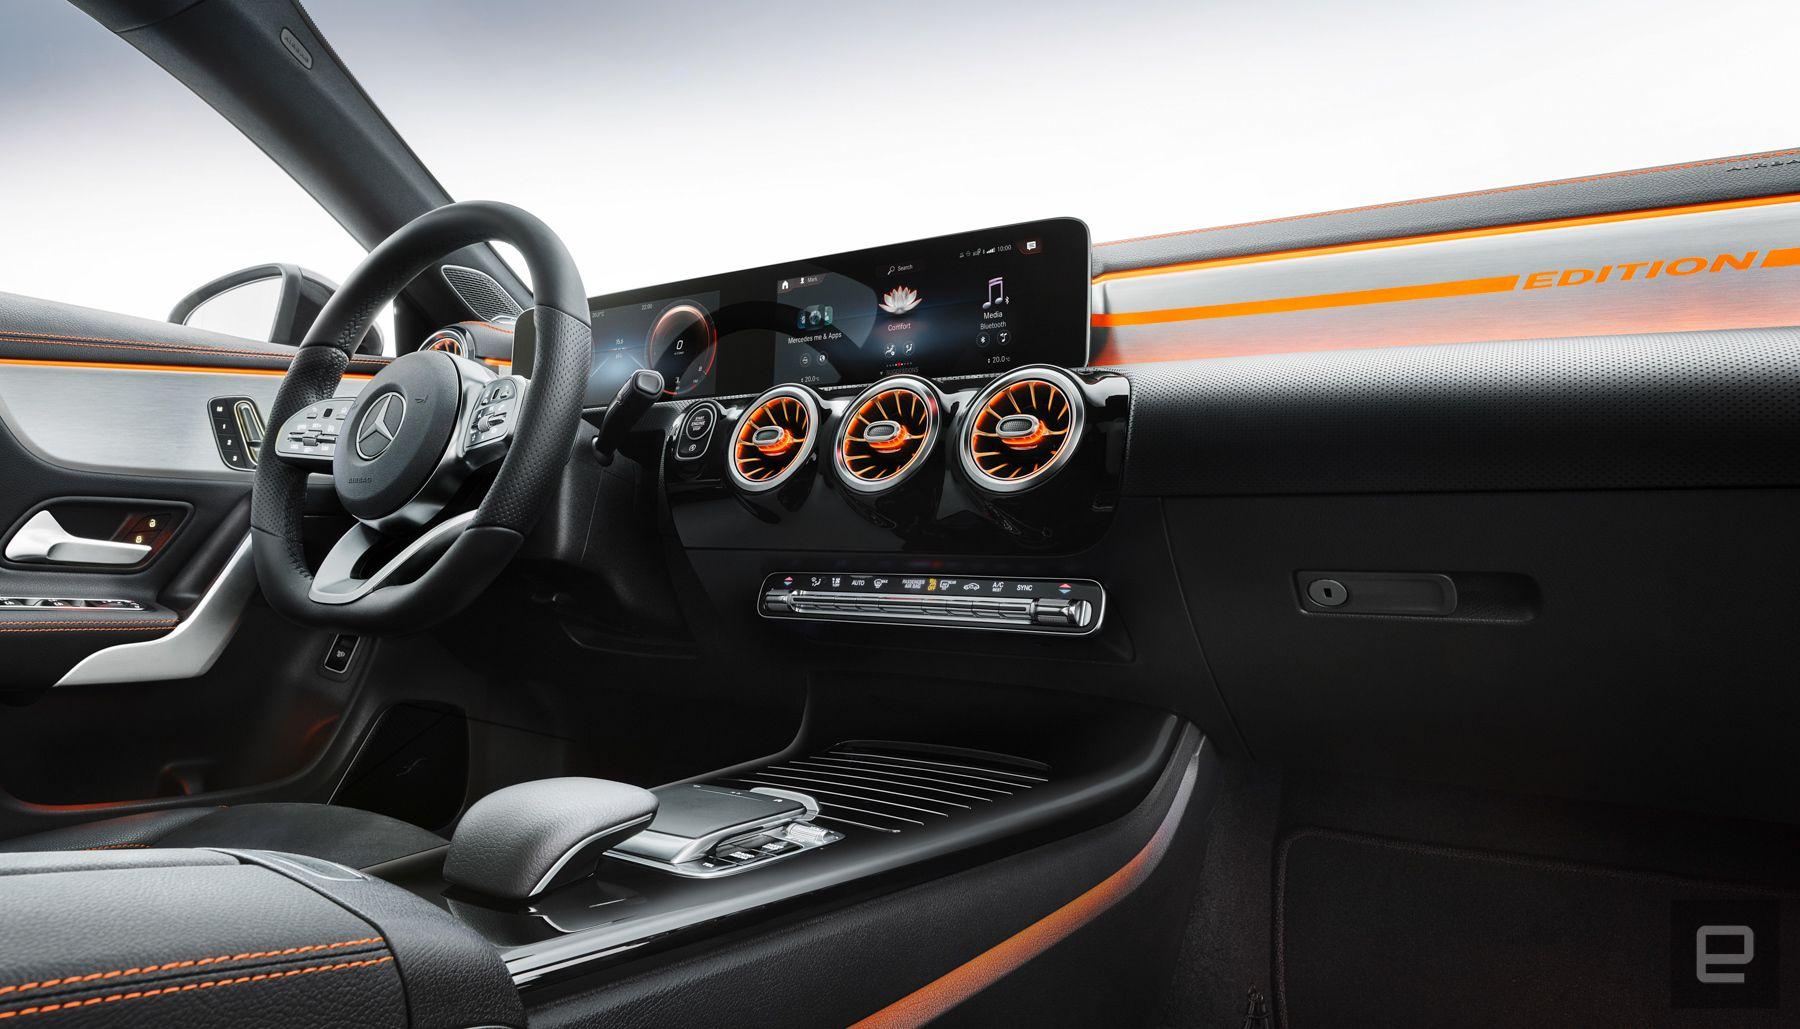 2019 Mercedes Benz E400 Wagon New Release Mercedes Benz Interior